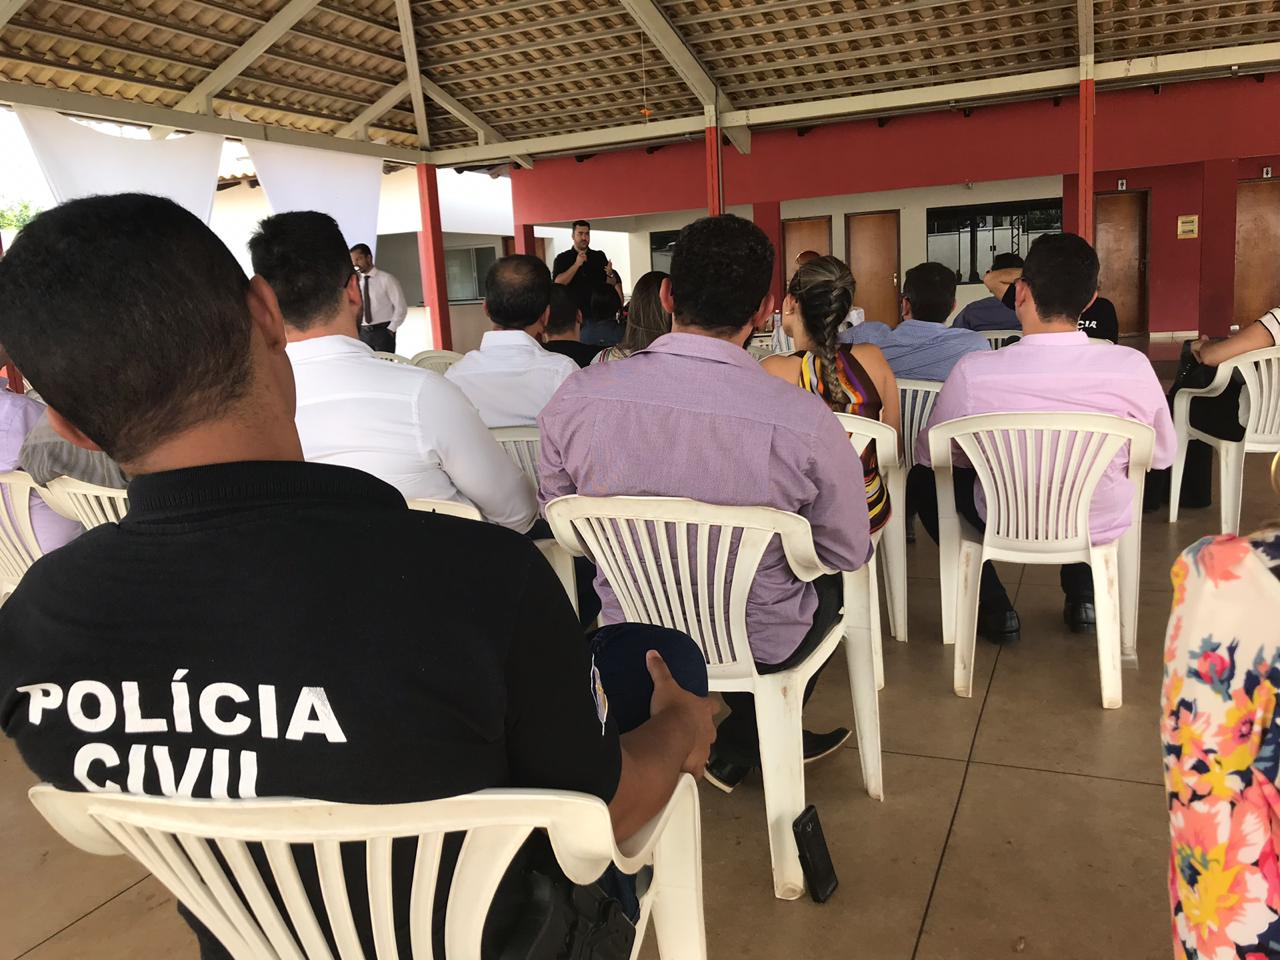 Informe Público do Sindepol/TO sobre as ingerências políticas do Governo do Tocantins